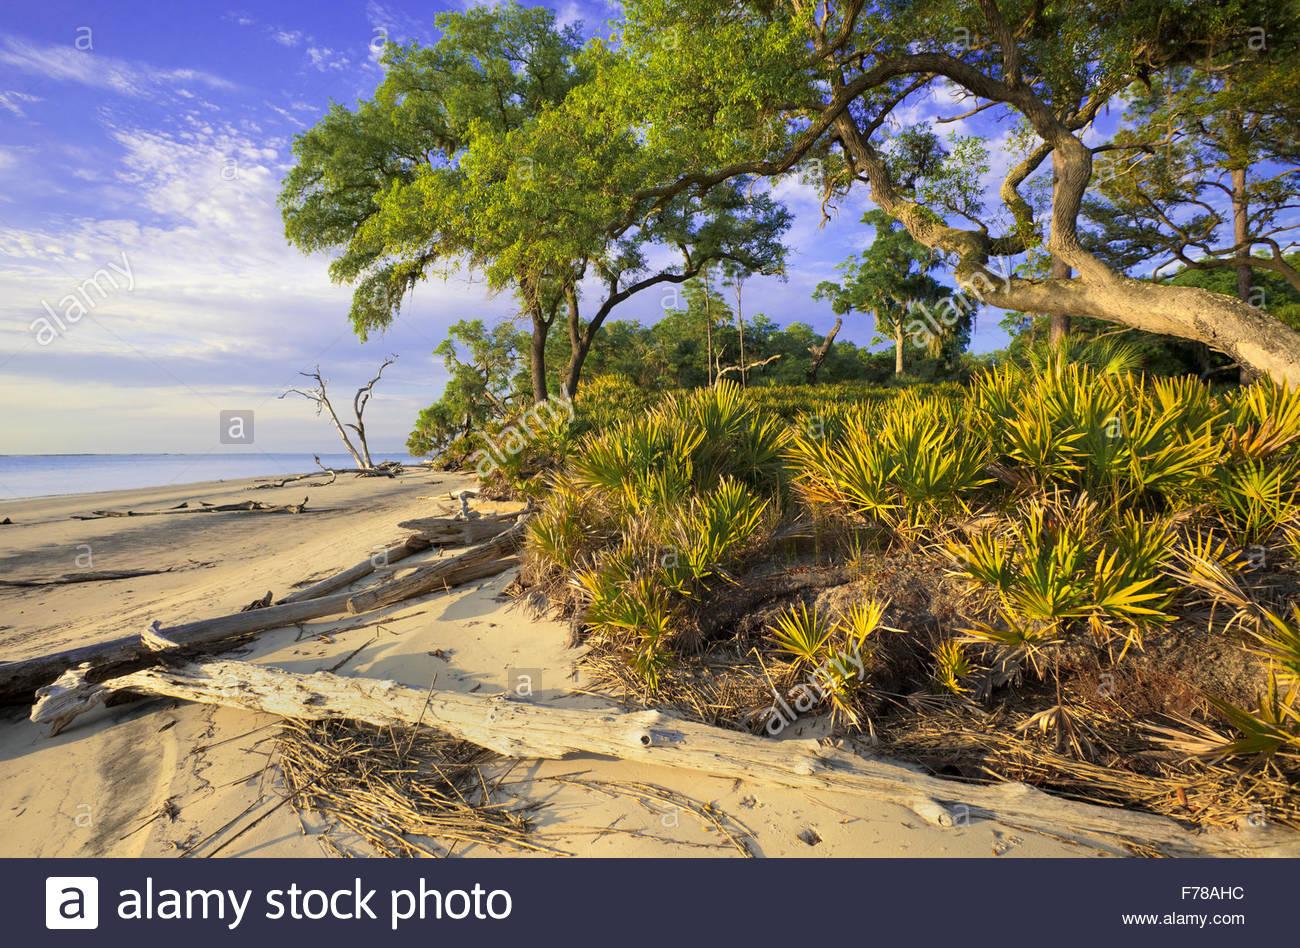 Strand mit Sand und Sägepalme Phaseneiche, St. Catherines Island, Georgia. Stockbild